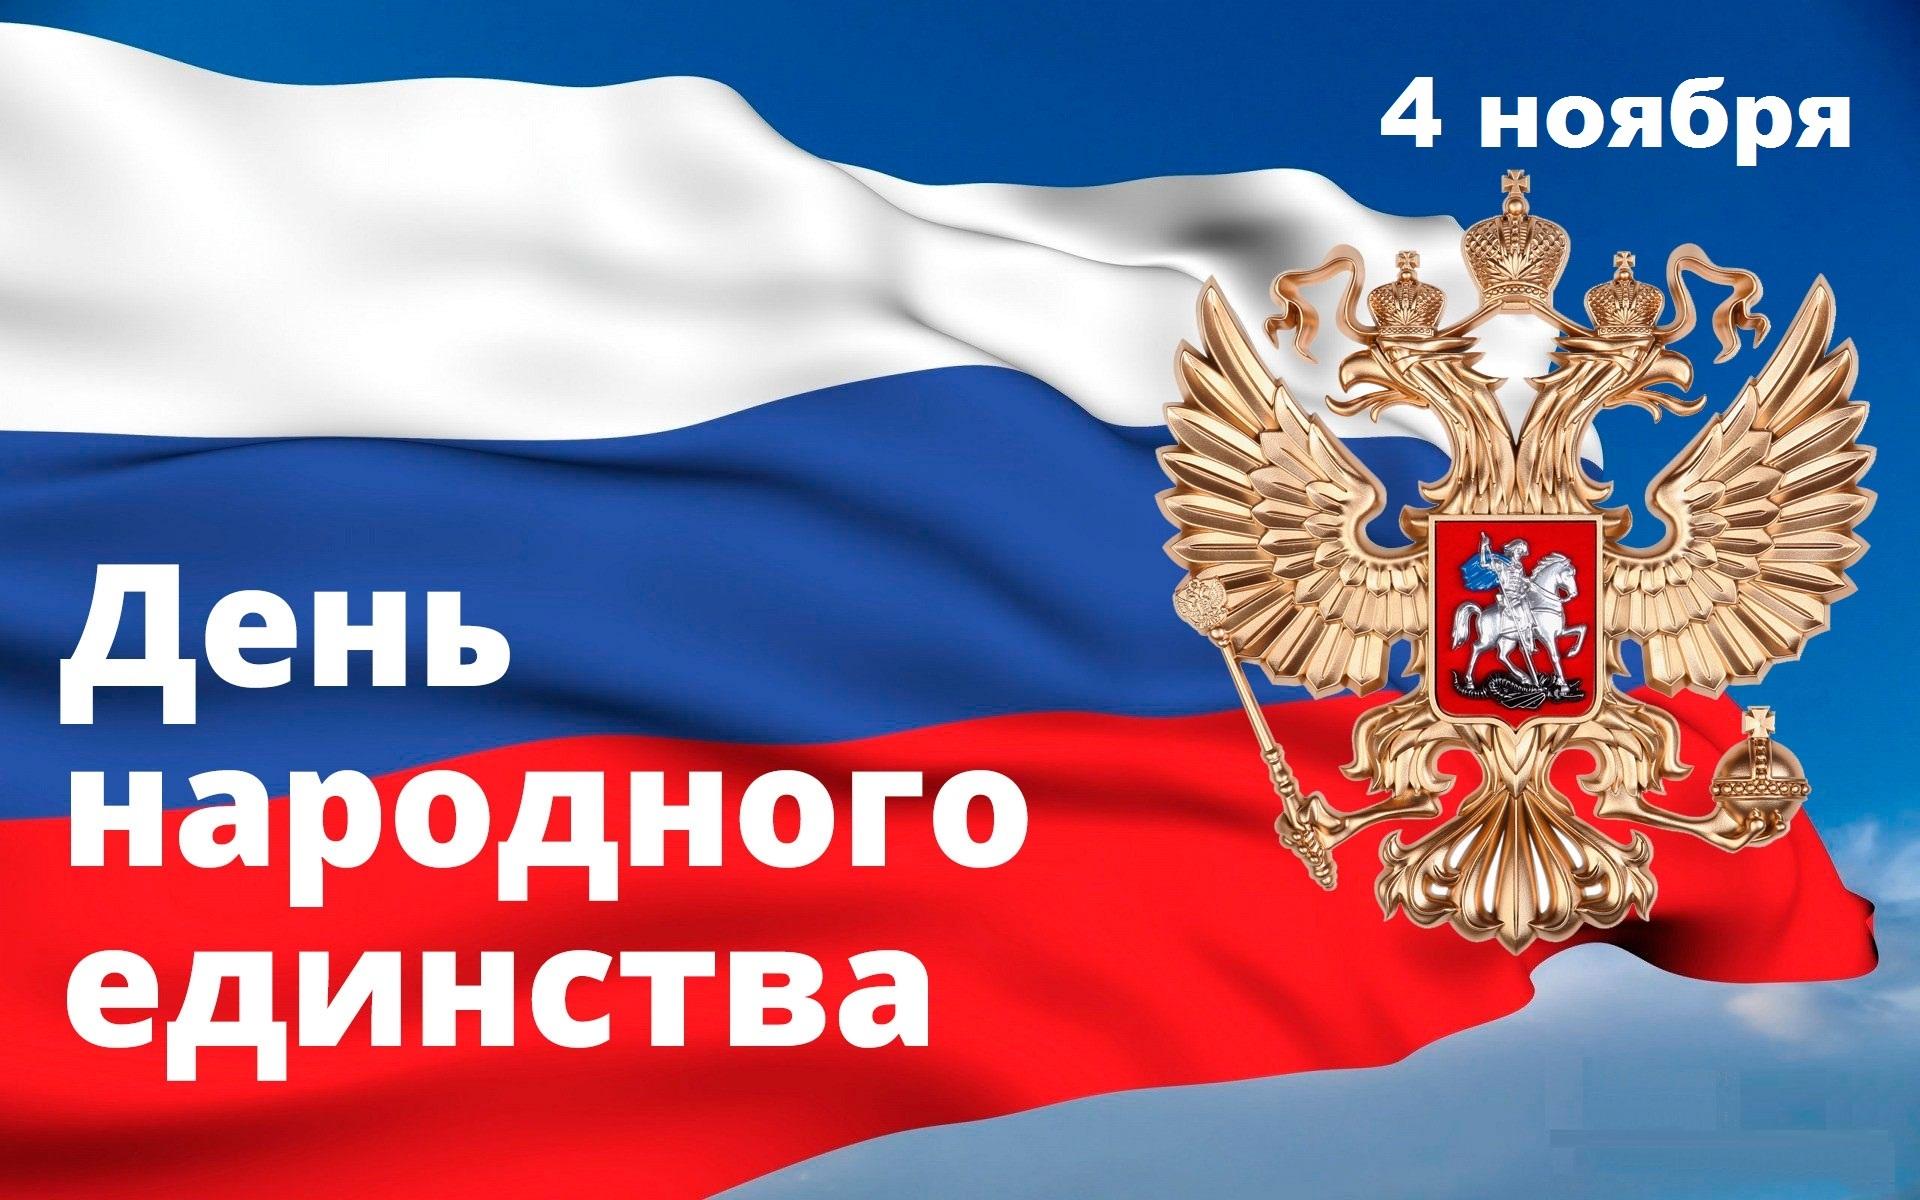 Мероприятия, посвященные Дню народного единства в Кирове проведут удаленно